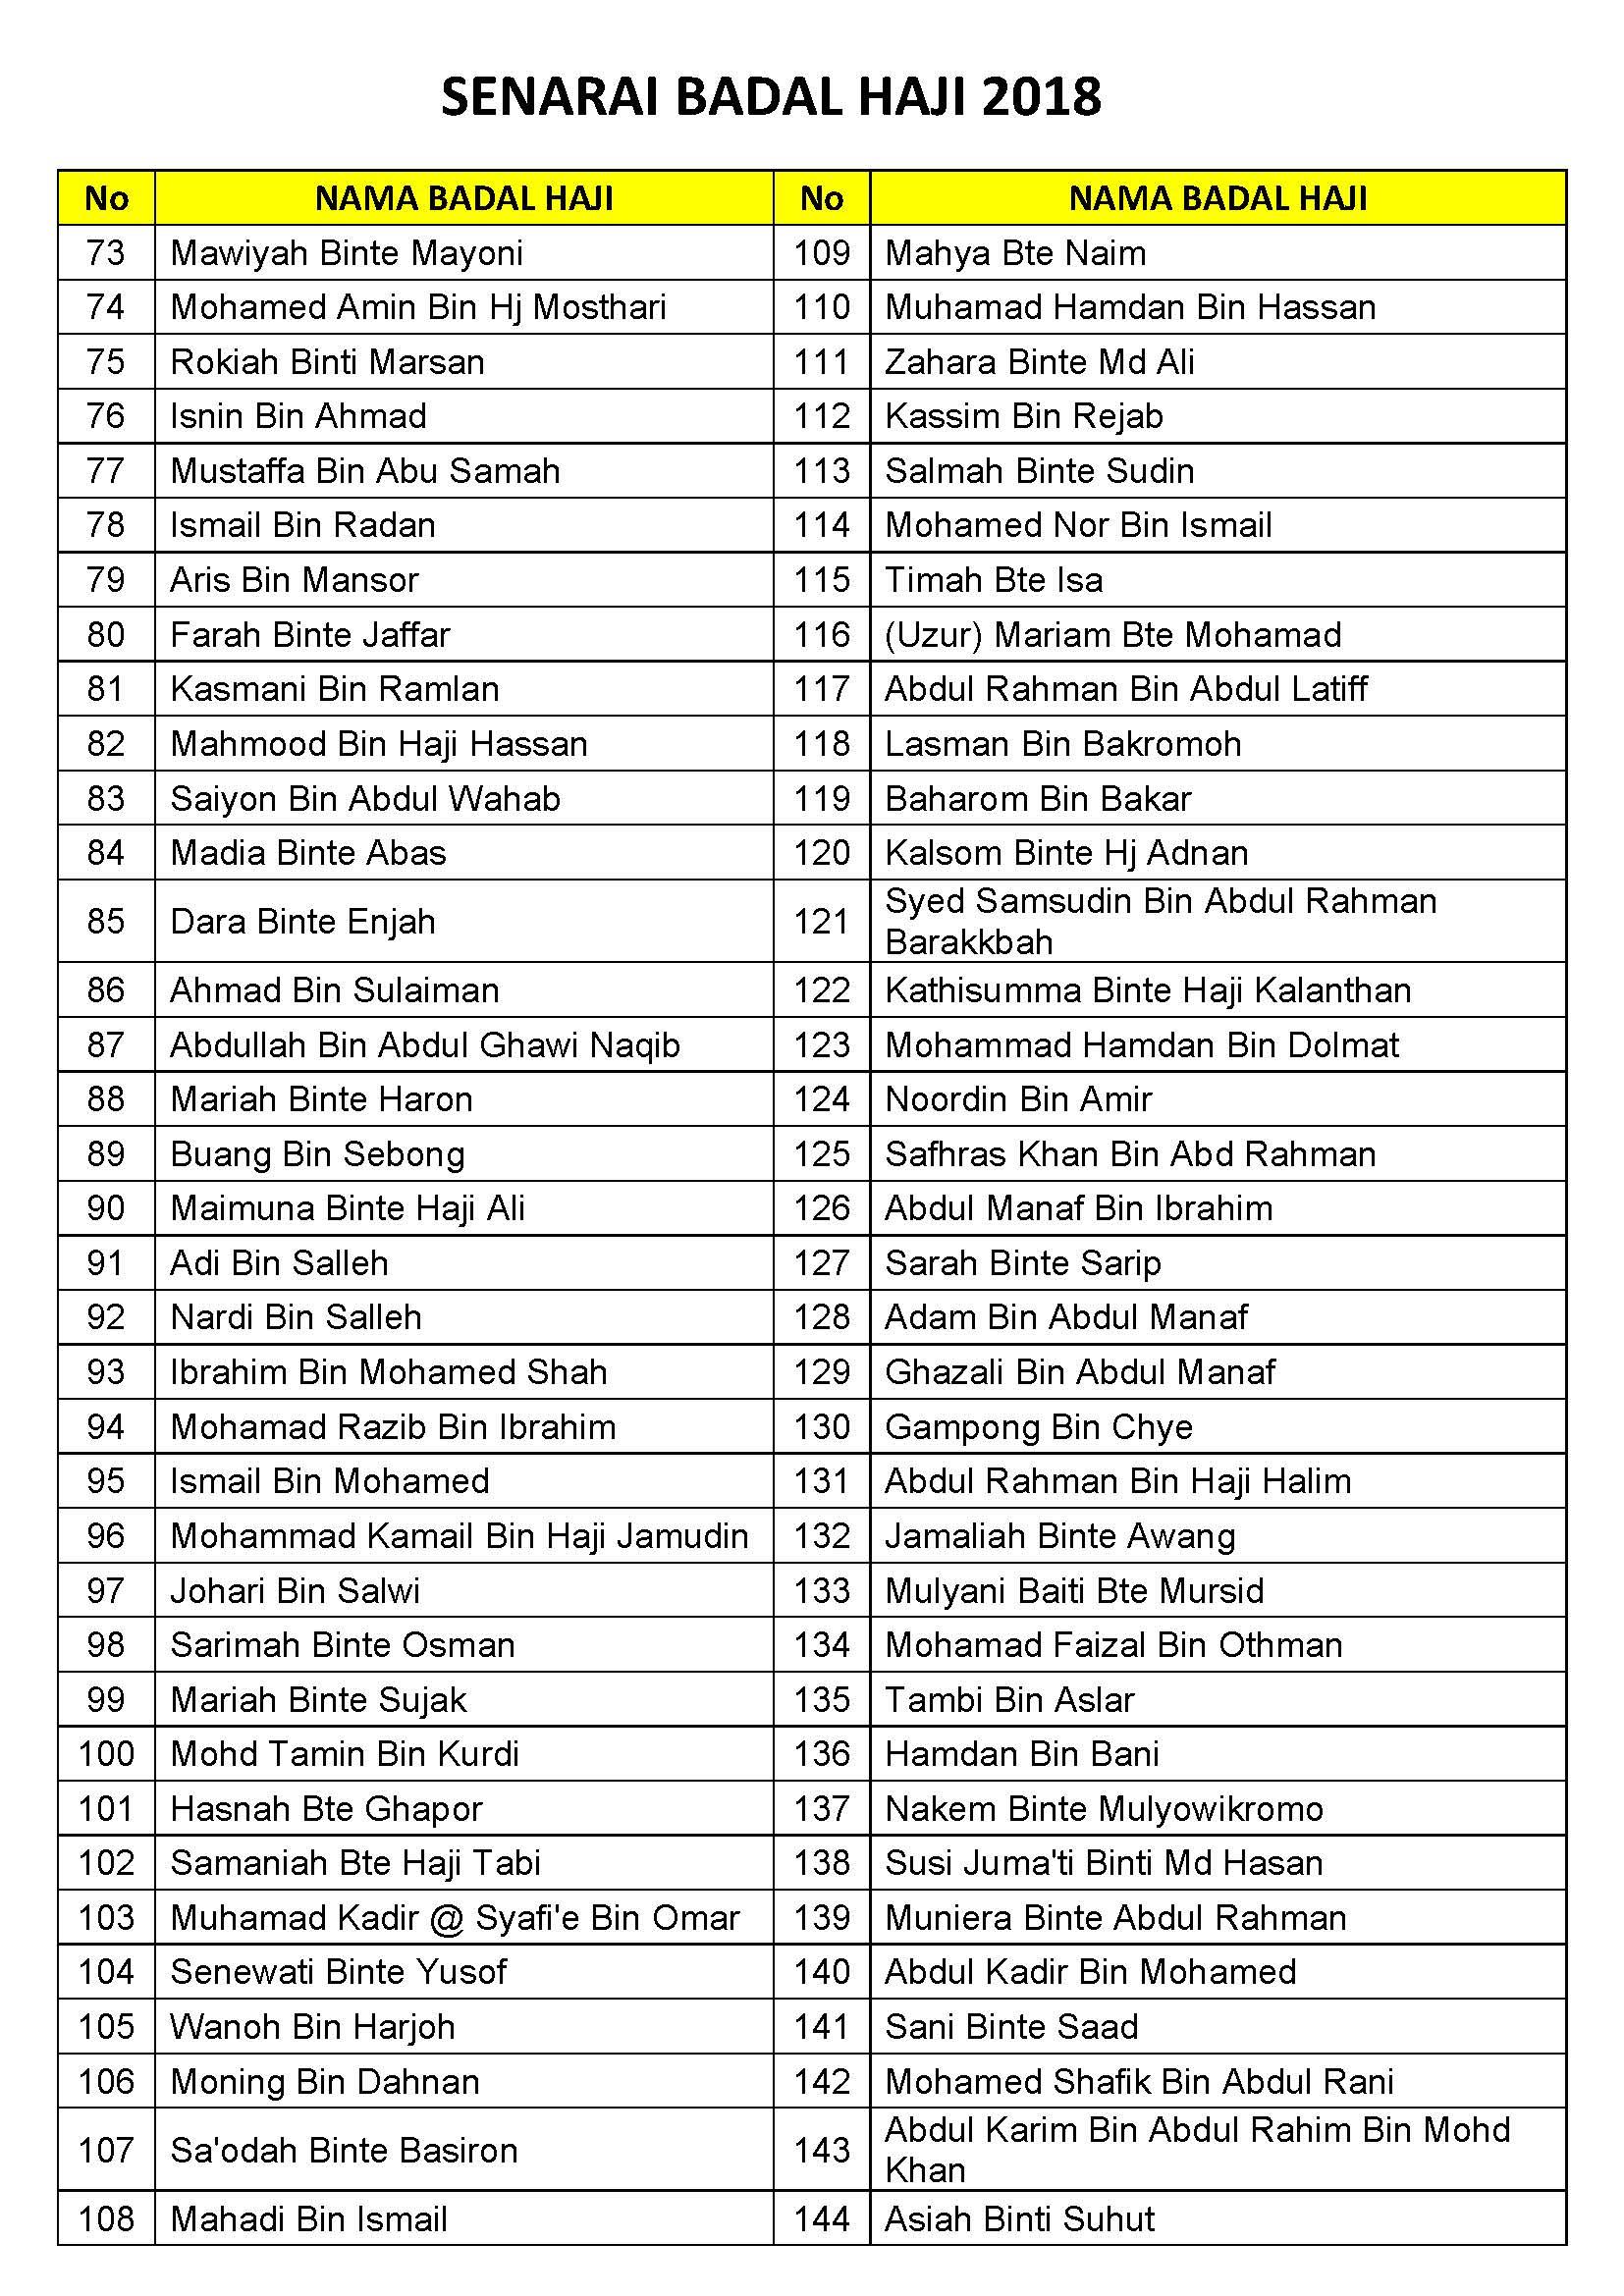 SENARAI BADAL HAJI 2018 (FULL)_Page_2